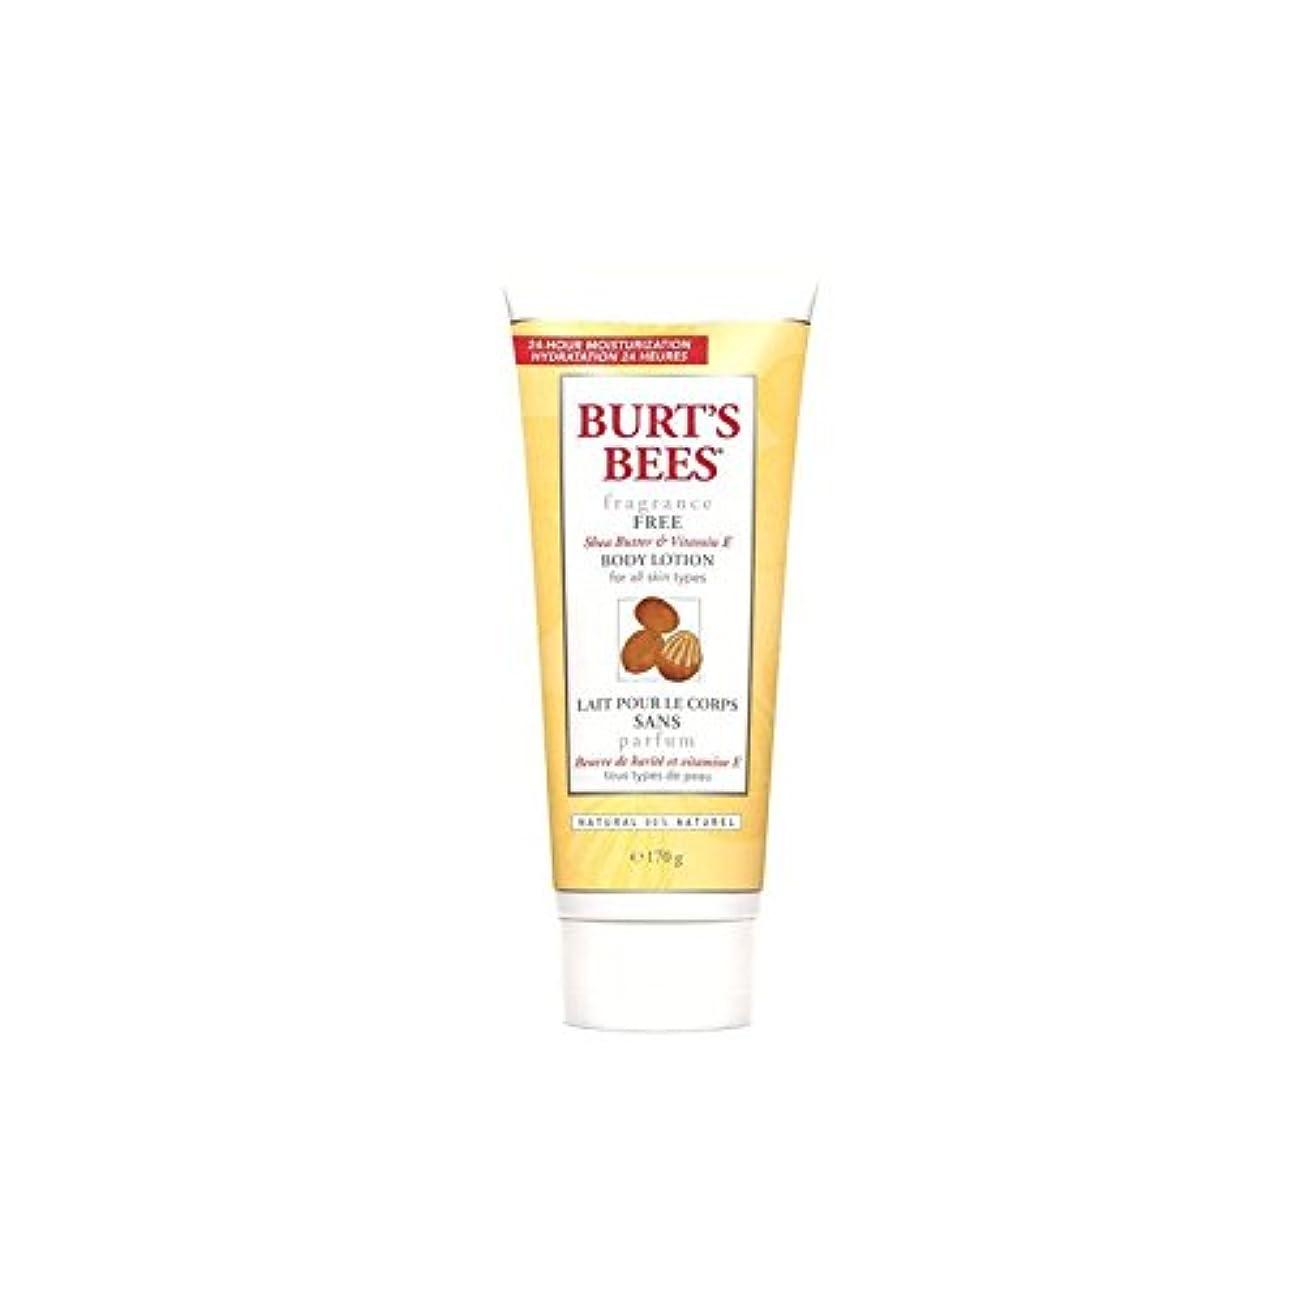 ドラッグホイップ団結バーツビーボディローション - 無香料6オンス x4 - Burt's Bees Body Lotion - Fragrance Free 6fl oz (Pack of 4) [並行輸入品]